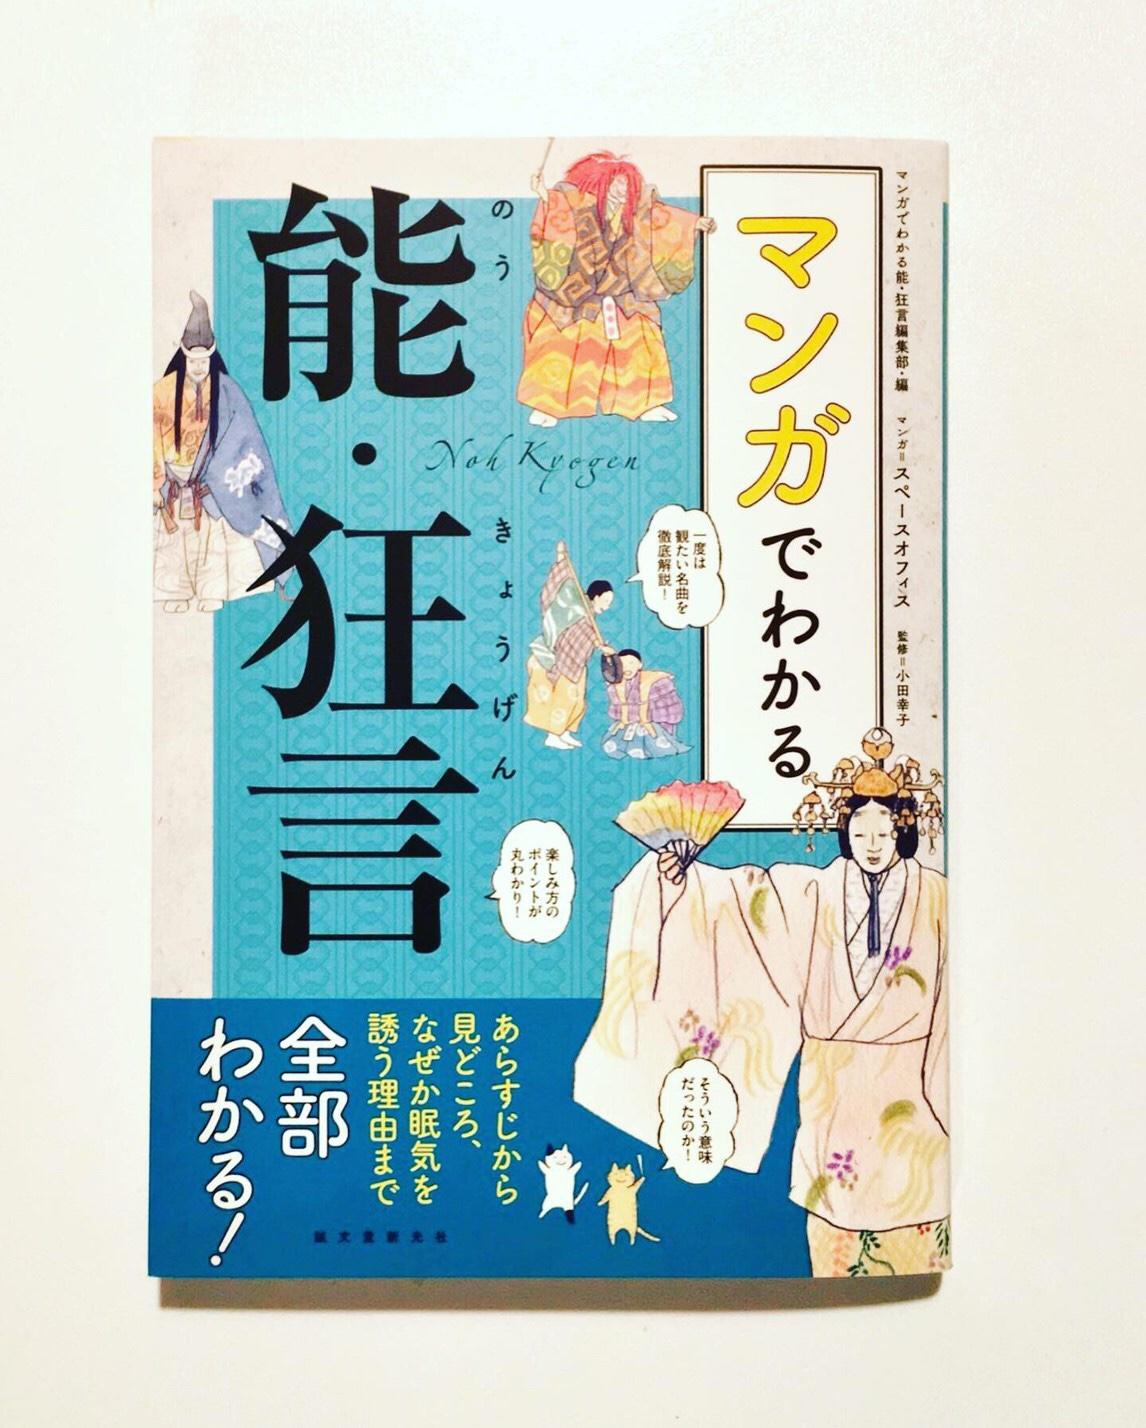 能の解説本「マンガでわかる能・狂言」発売されました!